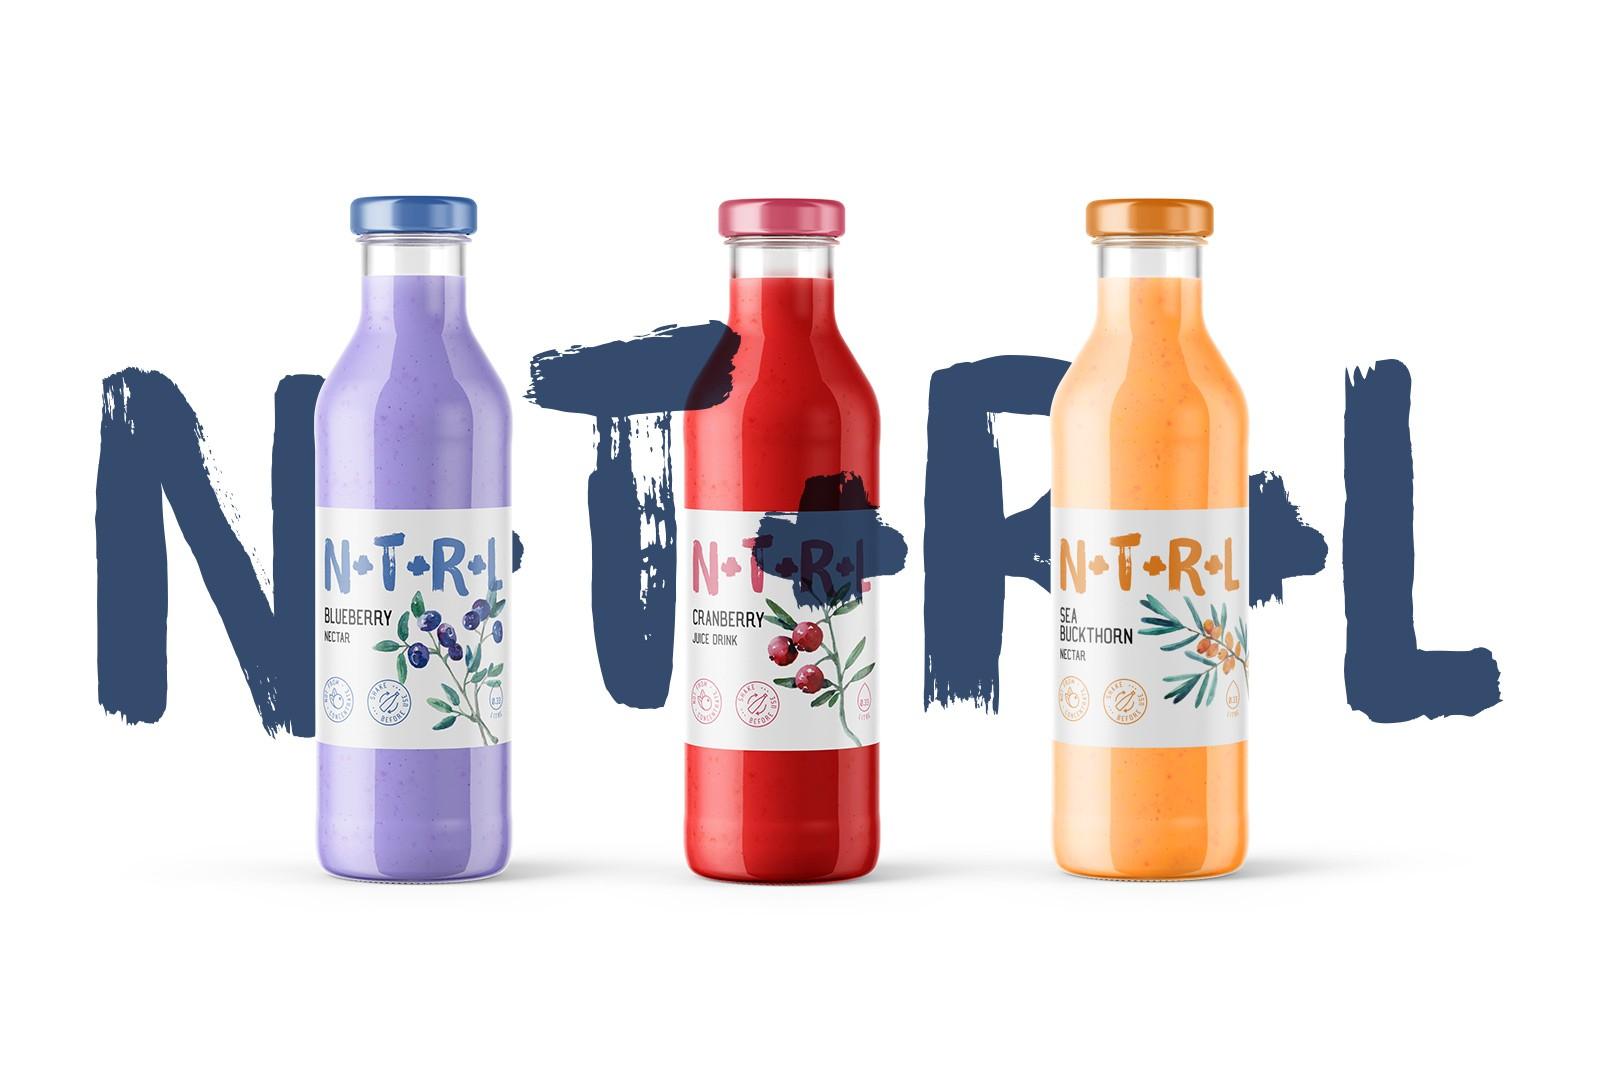 N+T+R+L果汁饮料包装设计